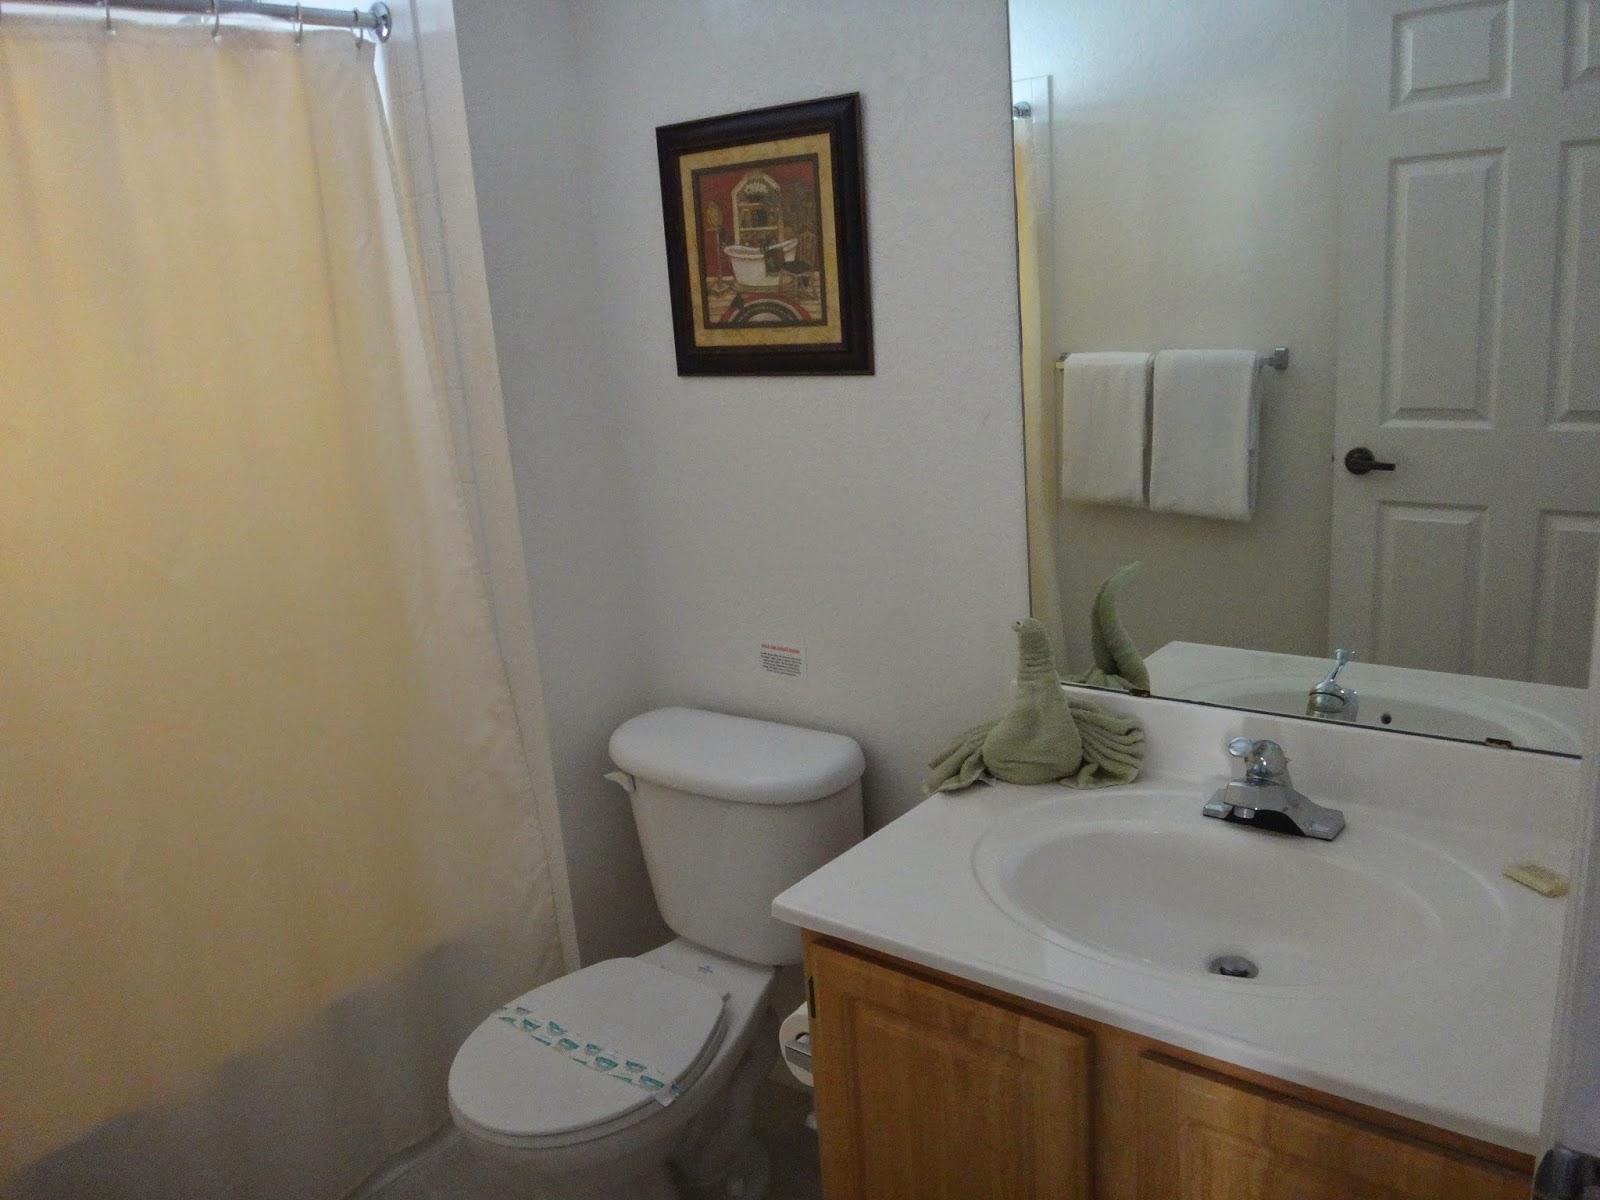 Banheiro para os quartos de solteiro com banheira e secador de cabelo #5D462F 1600x1200 Banheiro Com Banheira E Tv